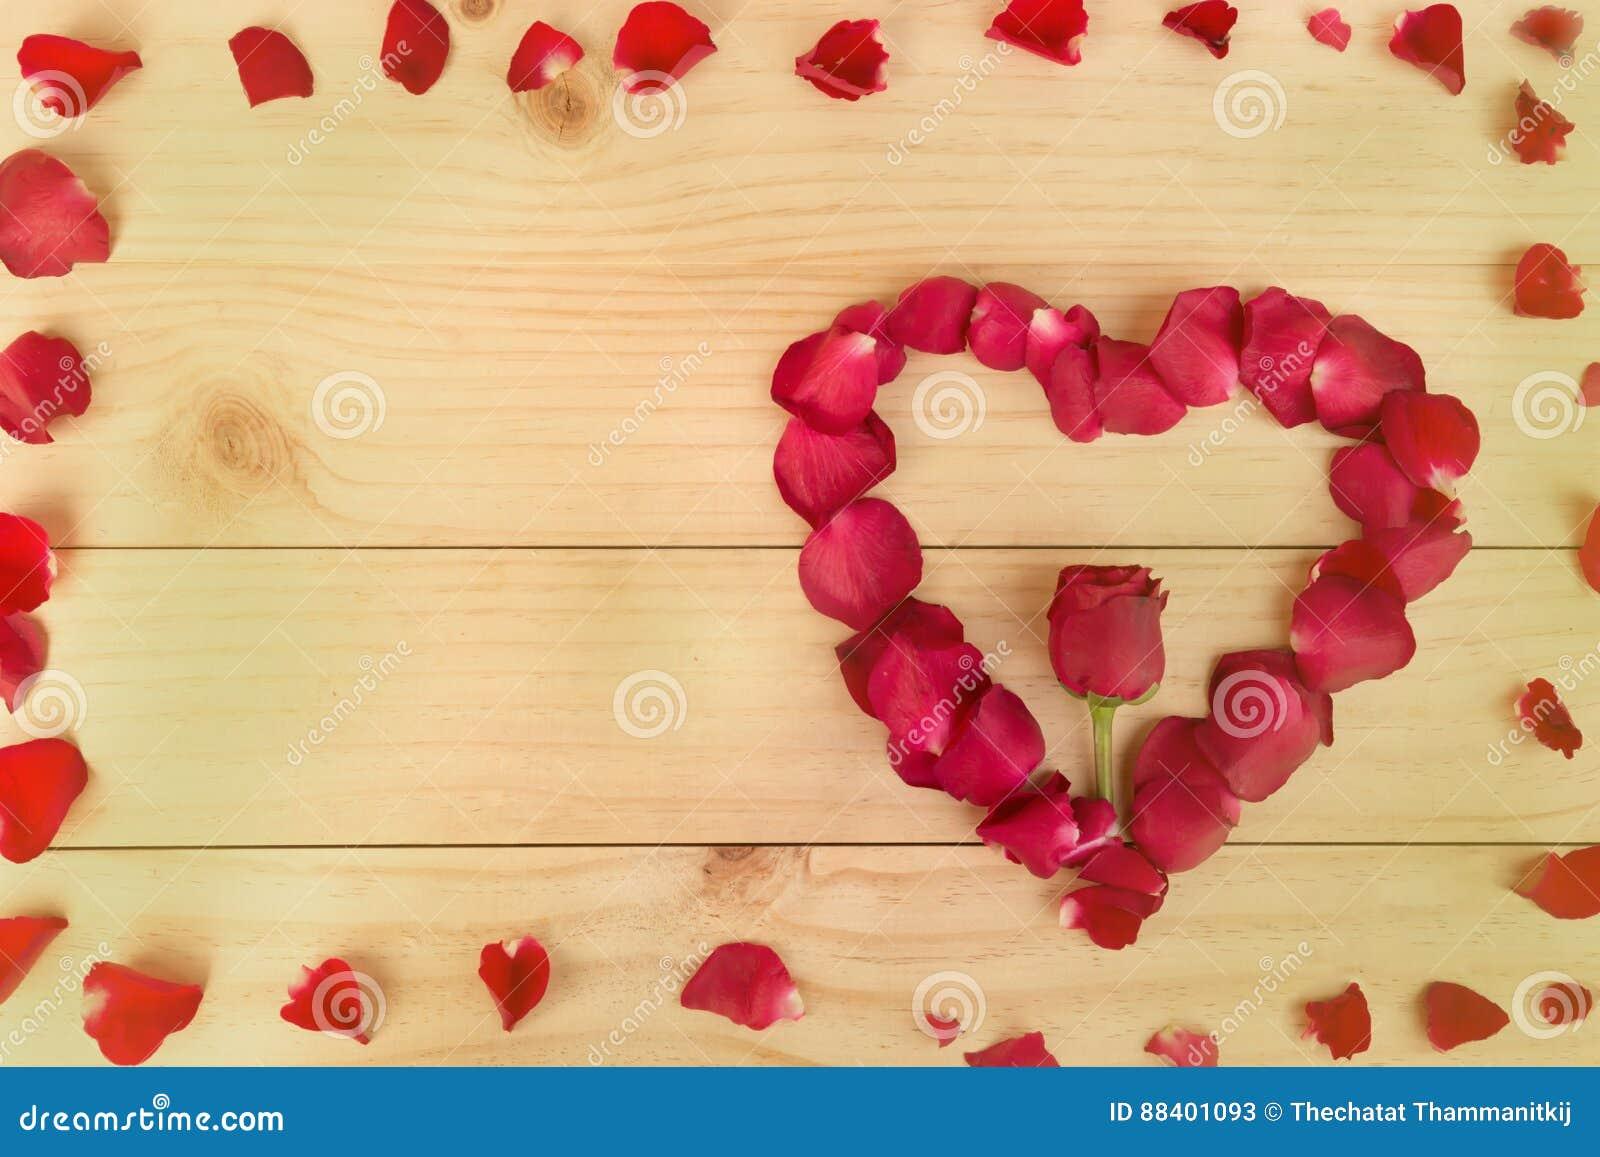 Feld, Herzform gemacht aus rosafarbenen Blumenblättern heraus auf hölzernem Hintergrund, VA